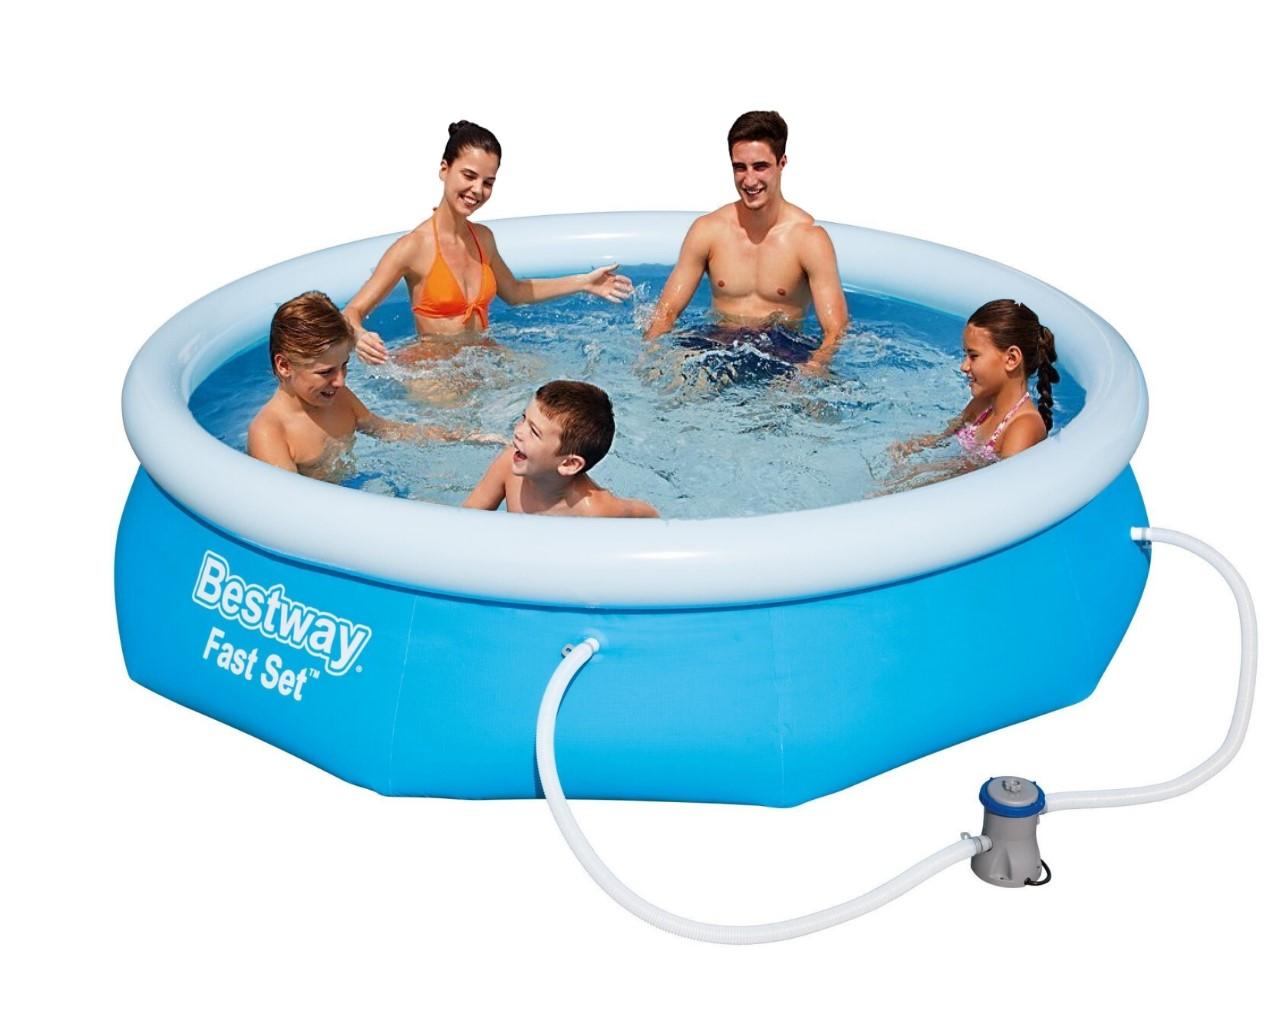 Bestway fast set pool 305x76cm pumpe 57270 gs for Bestway pool ersatzteile